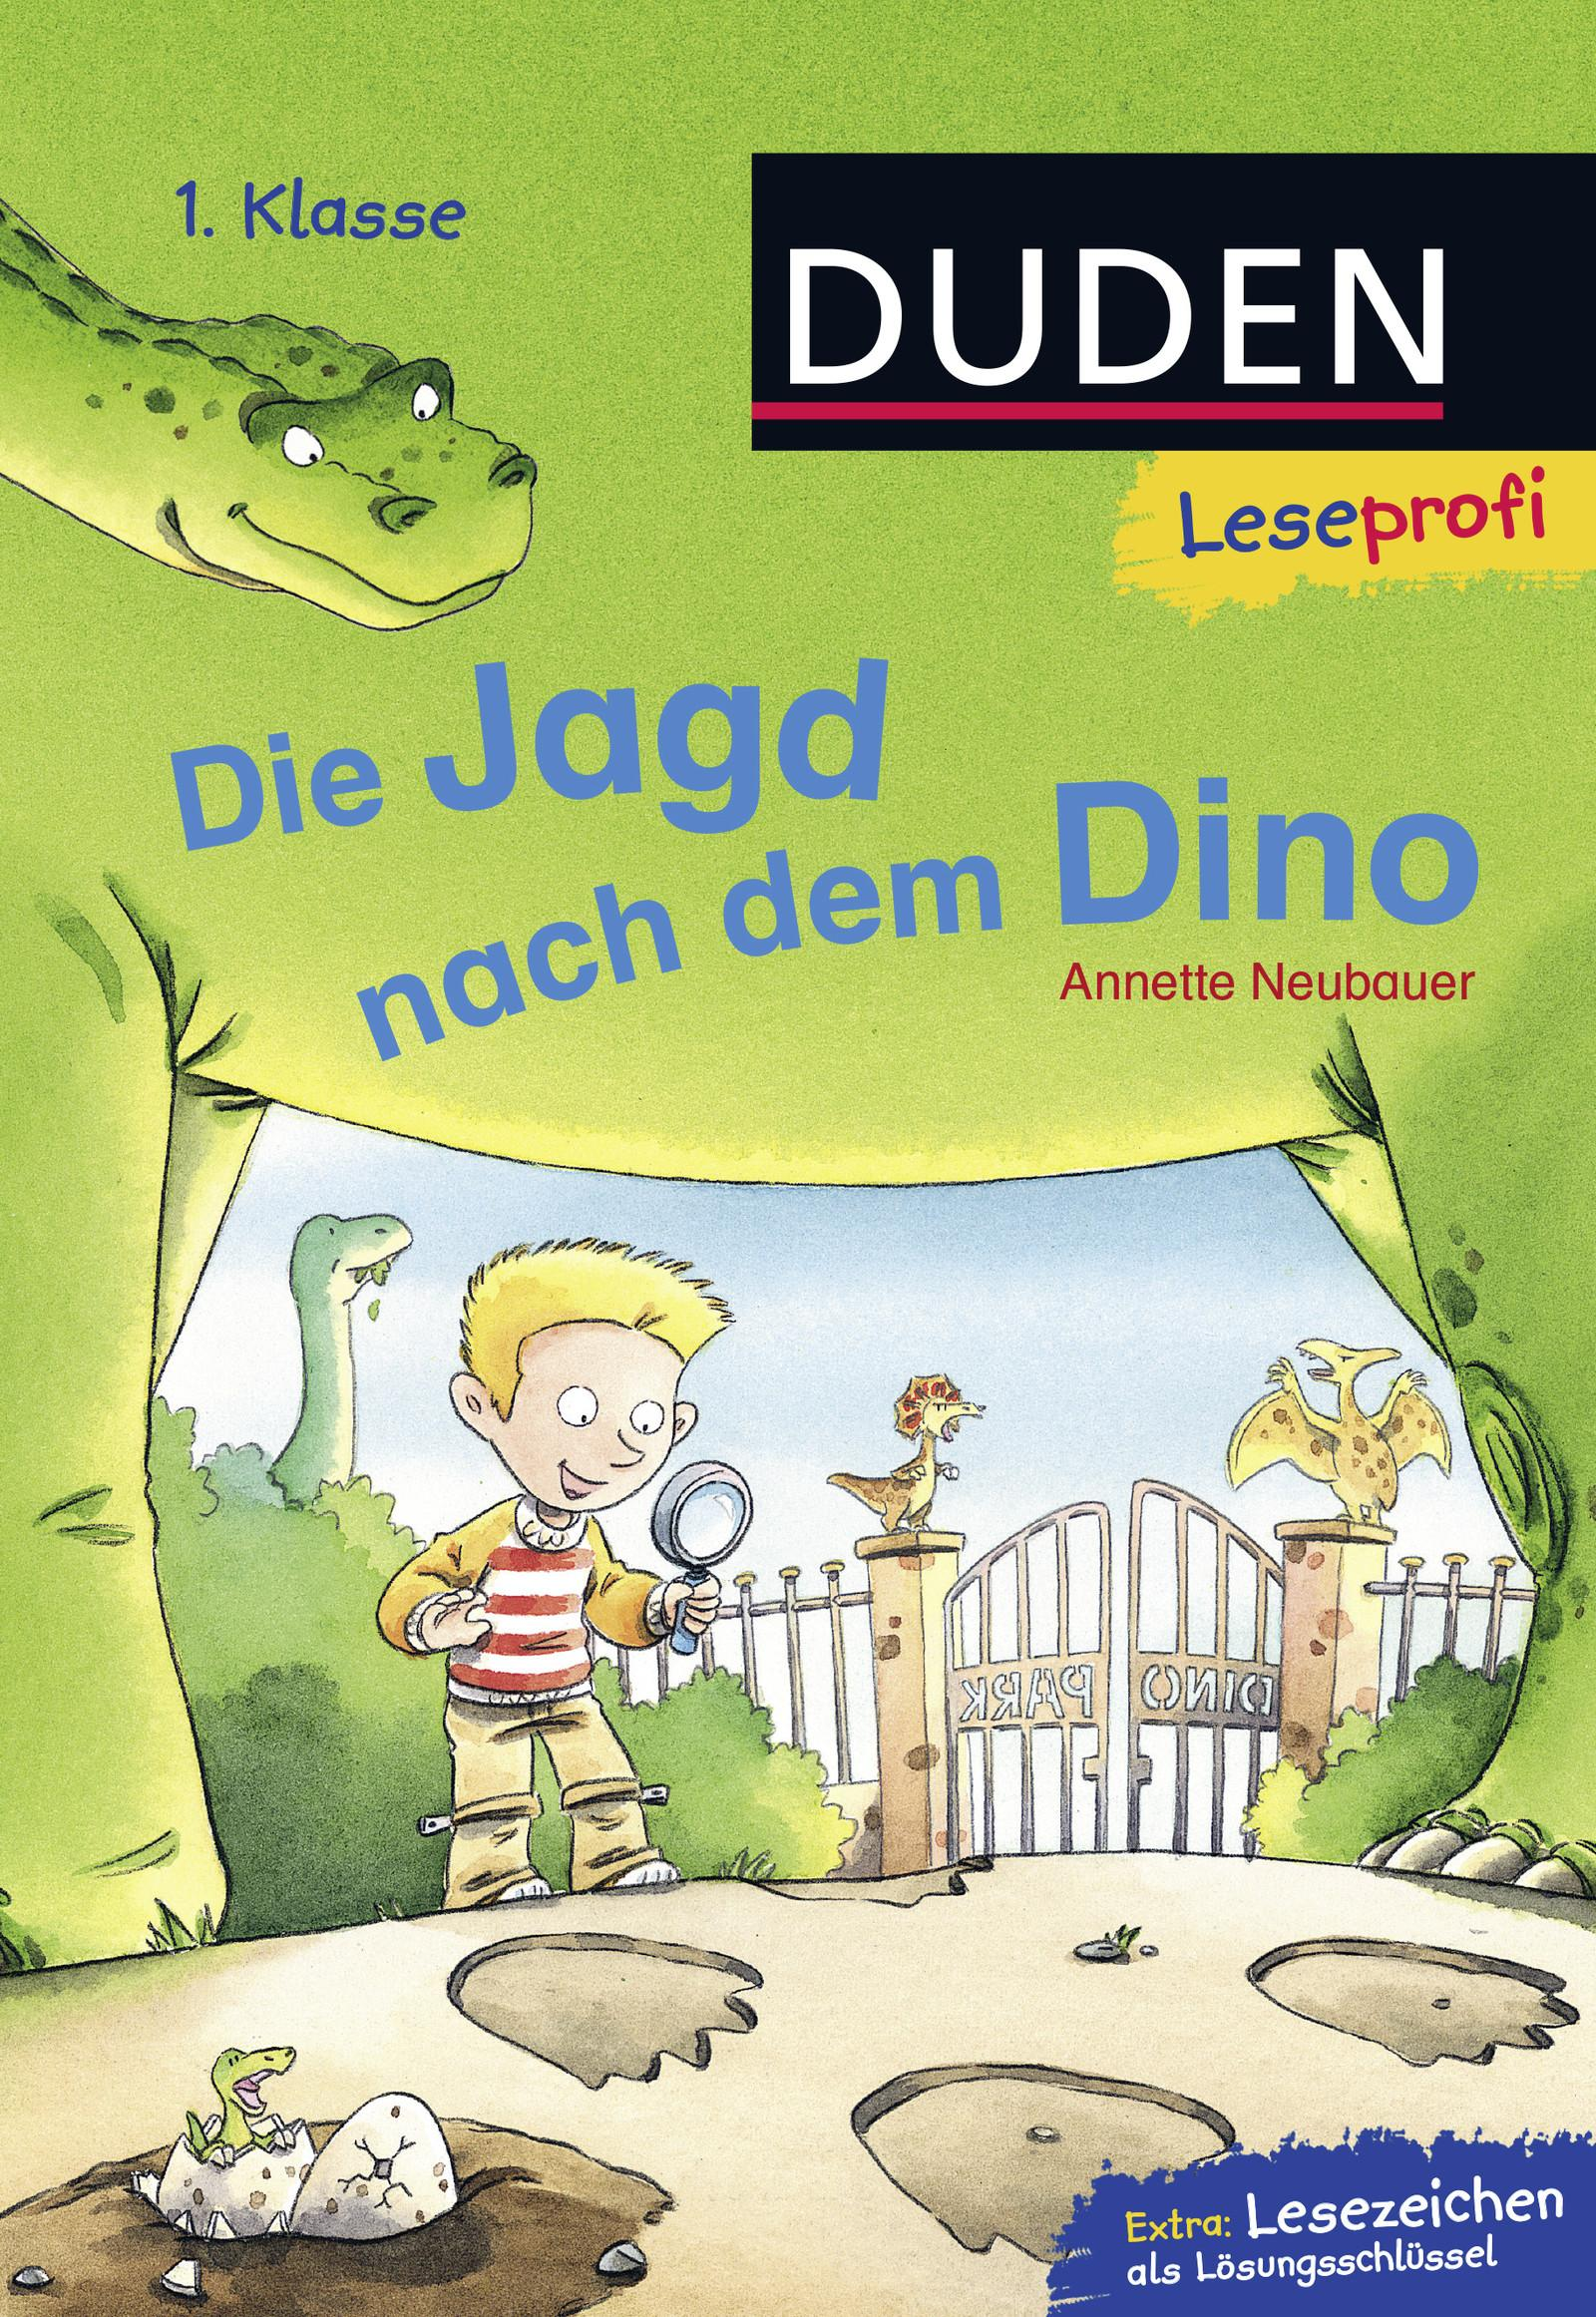 Leseprofi - Die Jagd nach dem Dino, 1. Klasse, Annette Neubauer